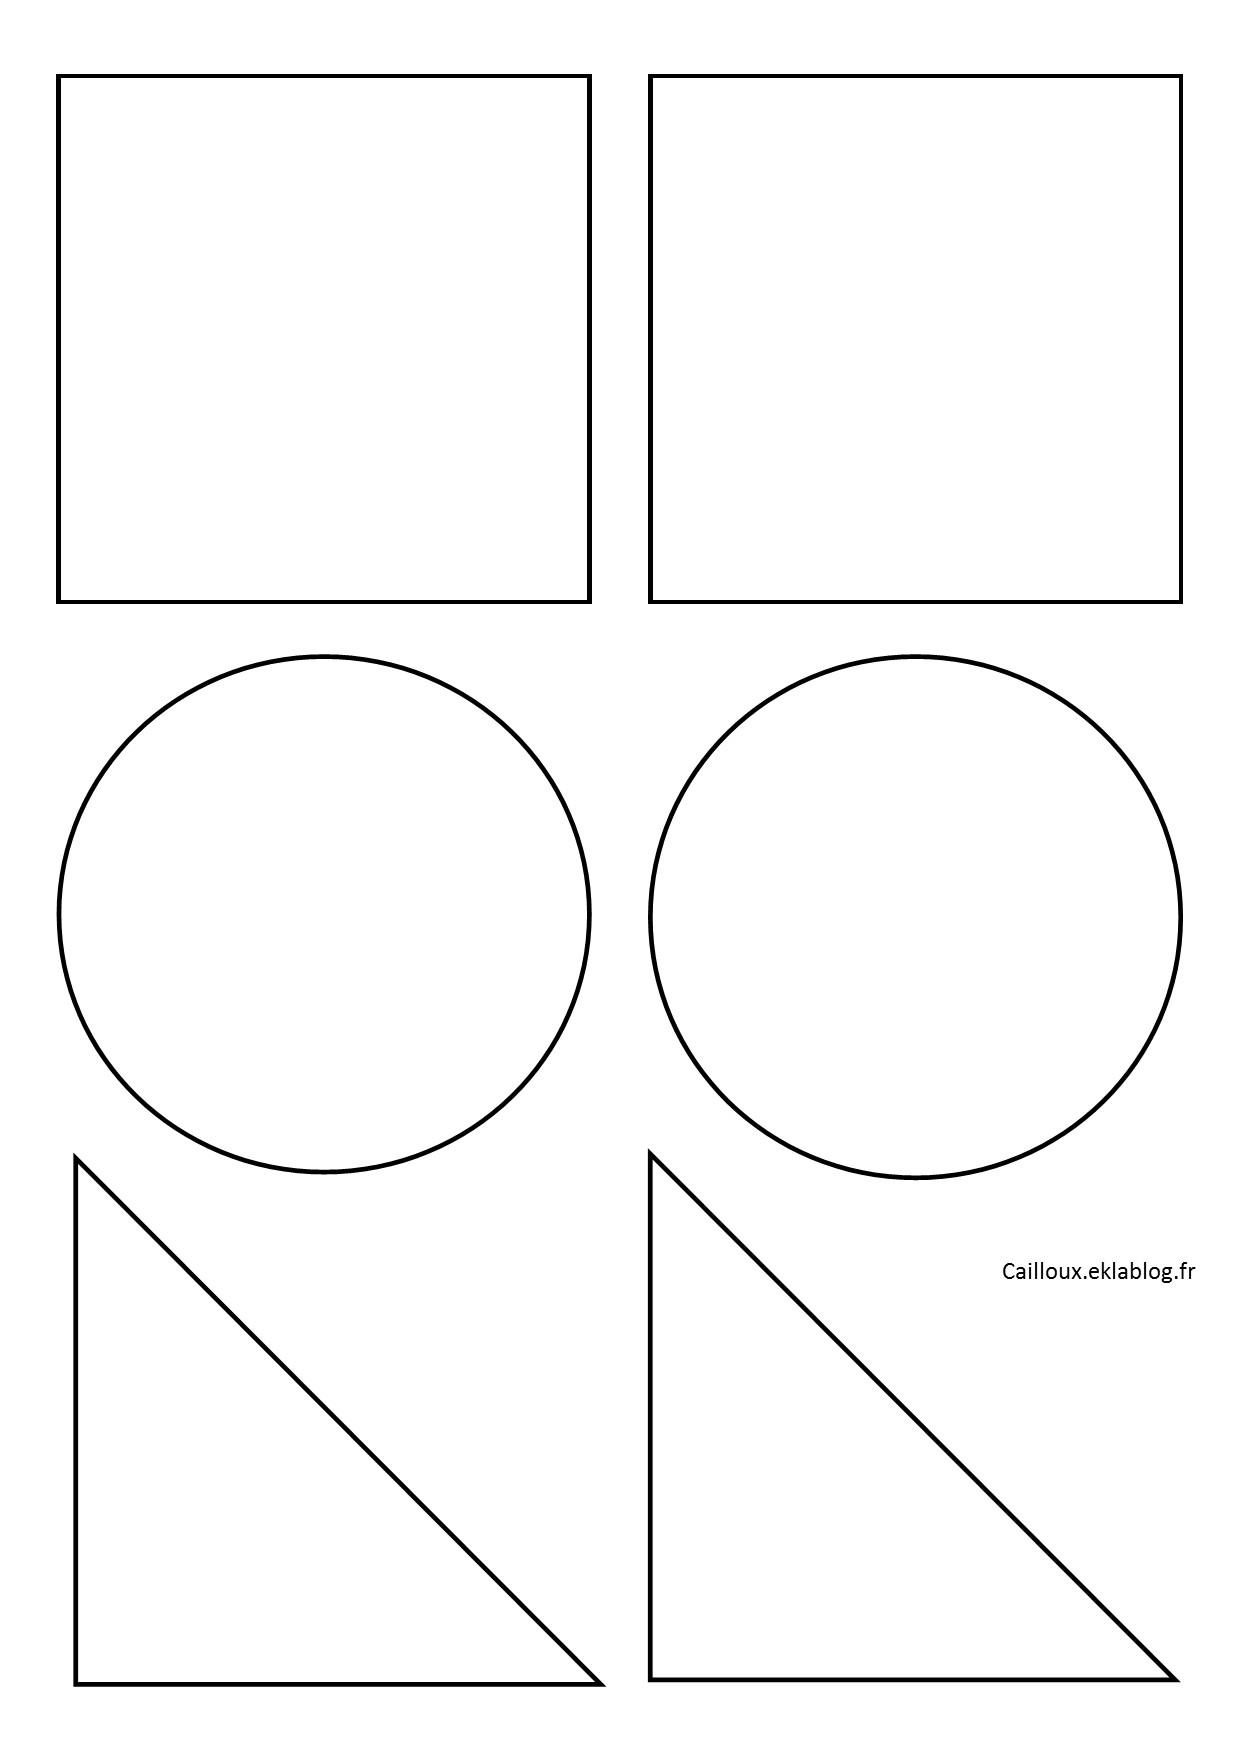 Formes Géométriques Et Découpage - La Maternelle D'isadis7 concernant Atelier Découpage Maternelle